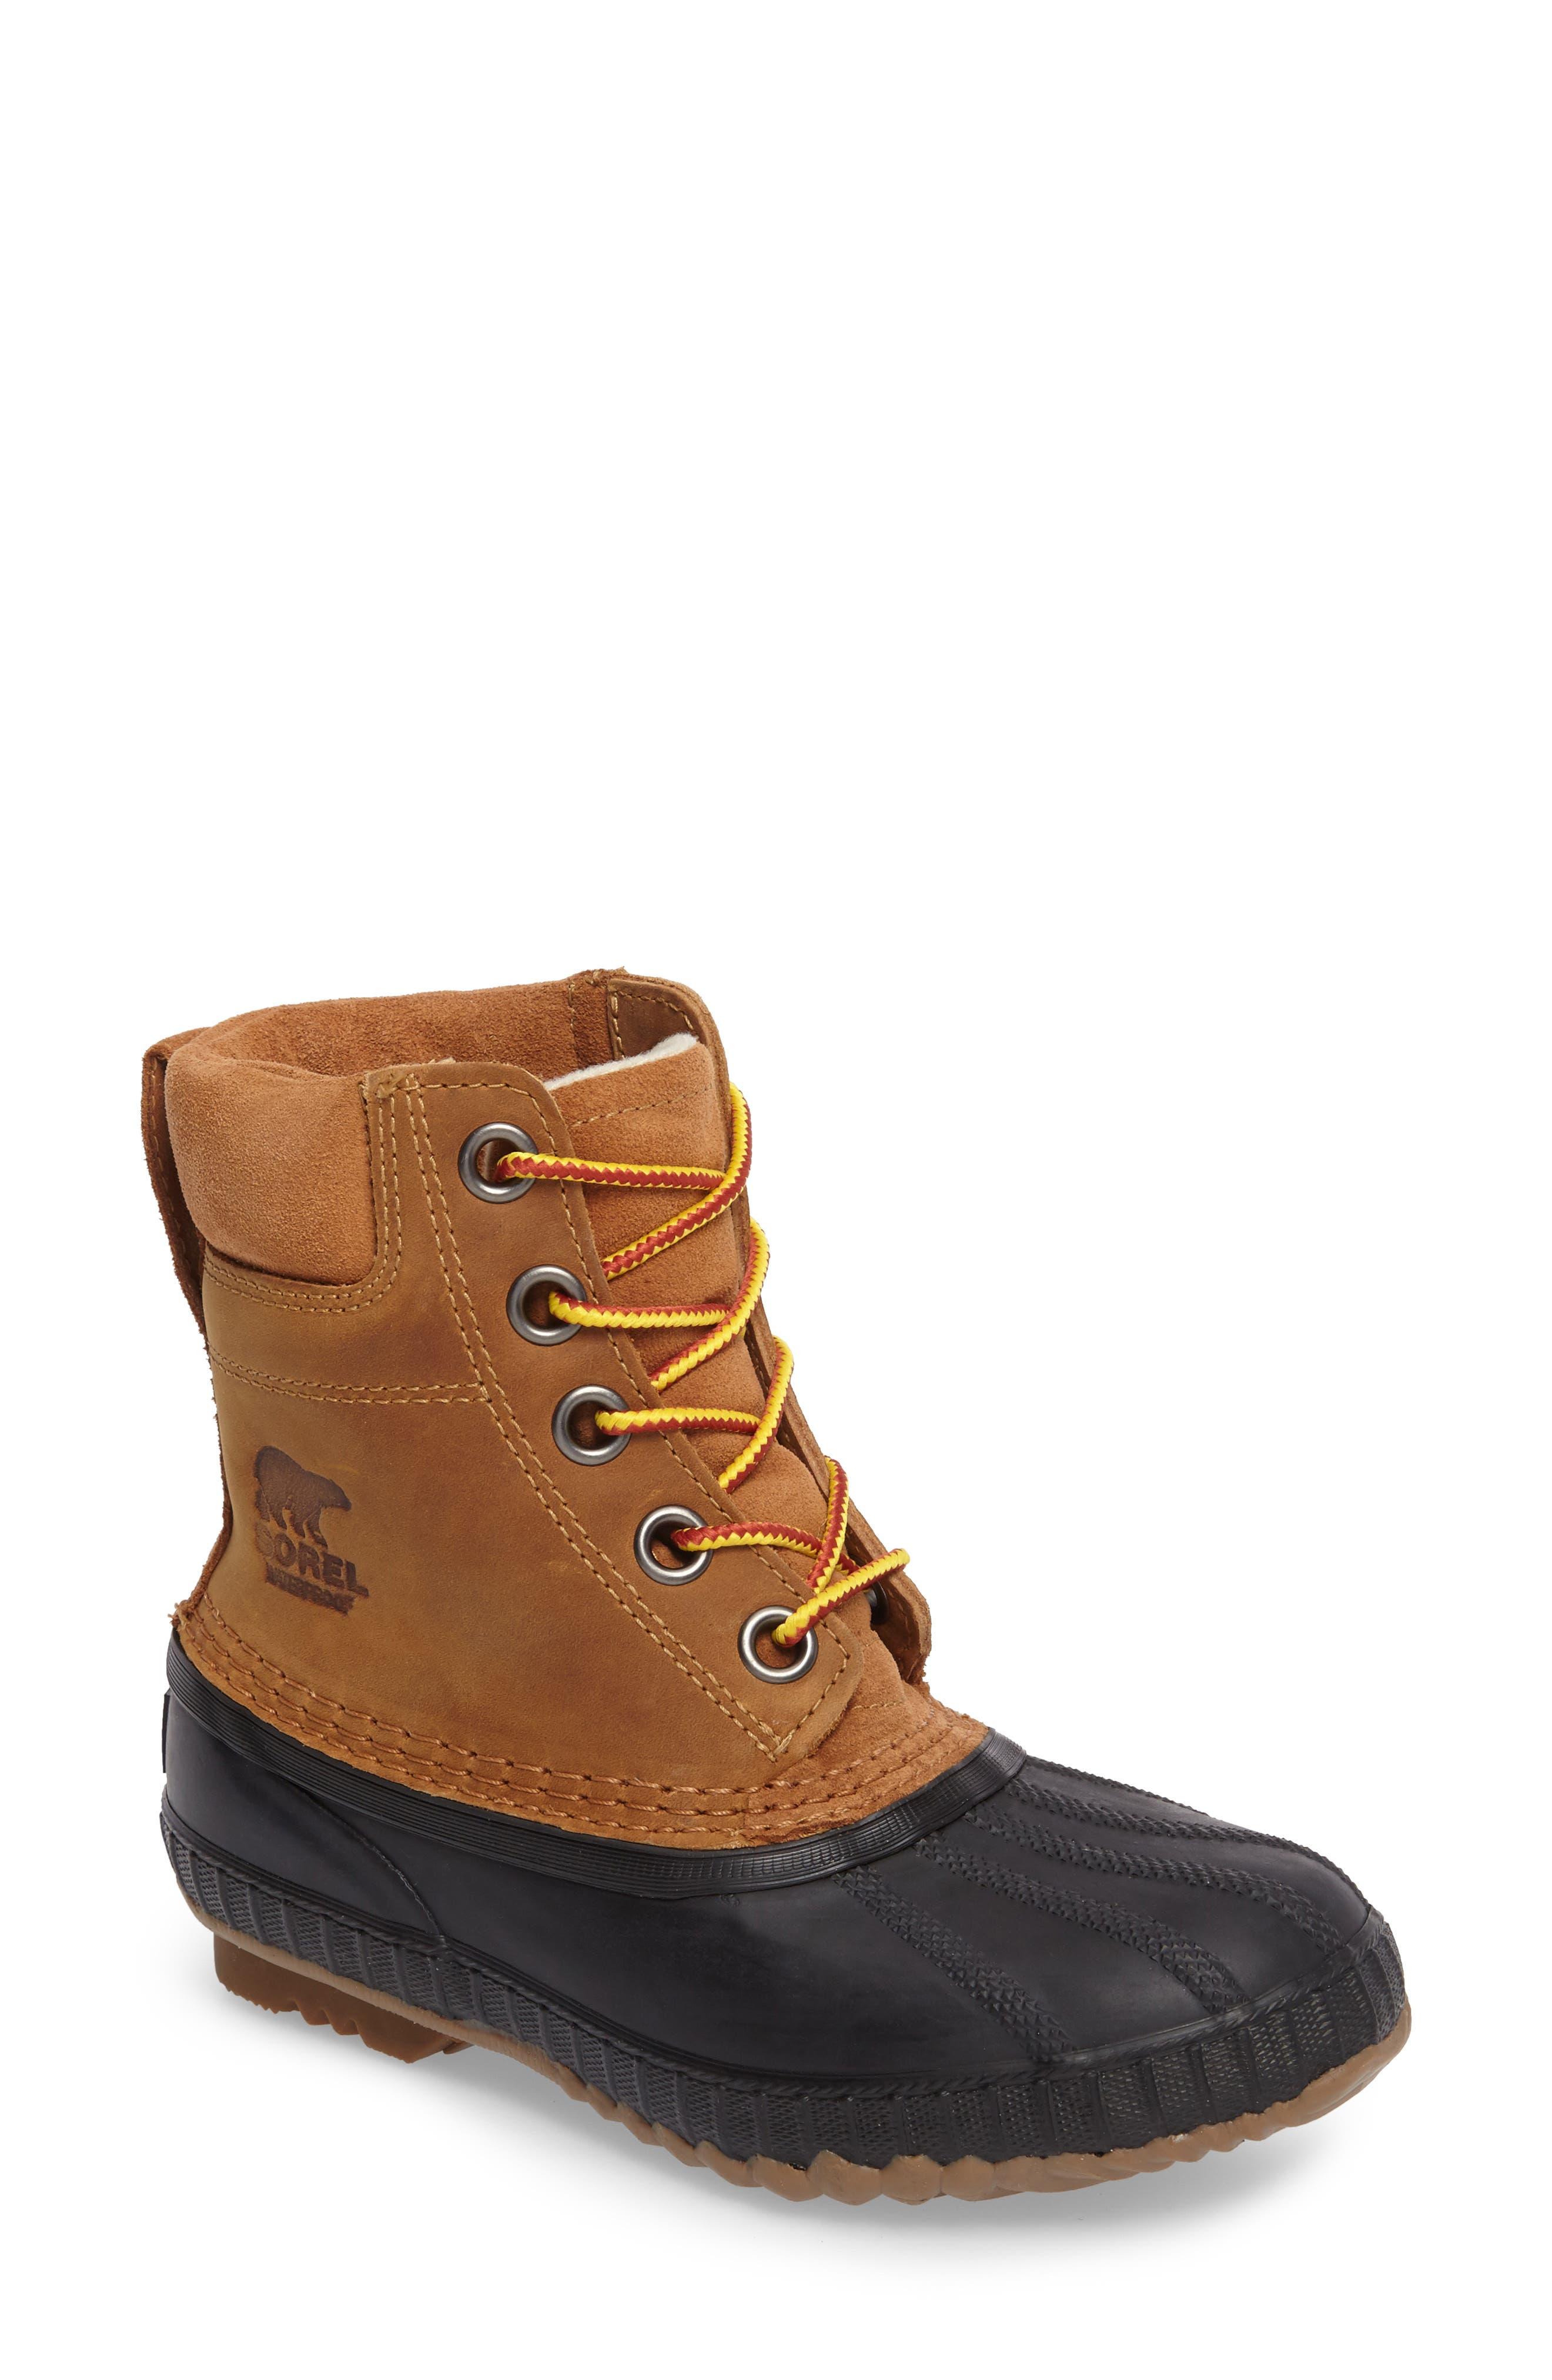 Cheyanne<sup>™</sup> II Waterproof Boot,                         Main,                         color, ELK BLACK